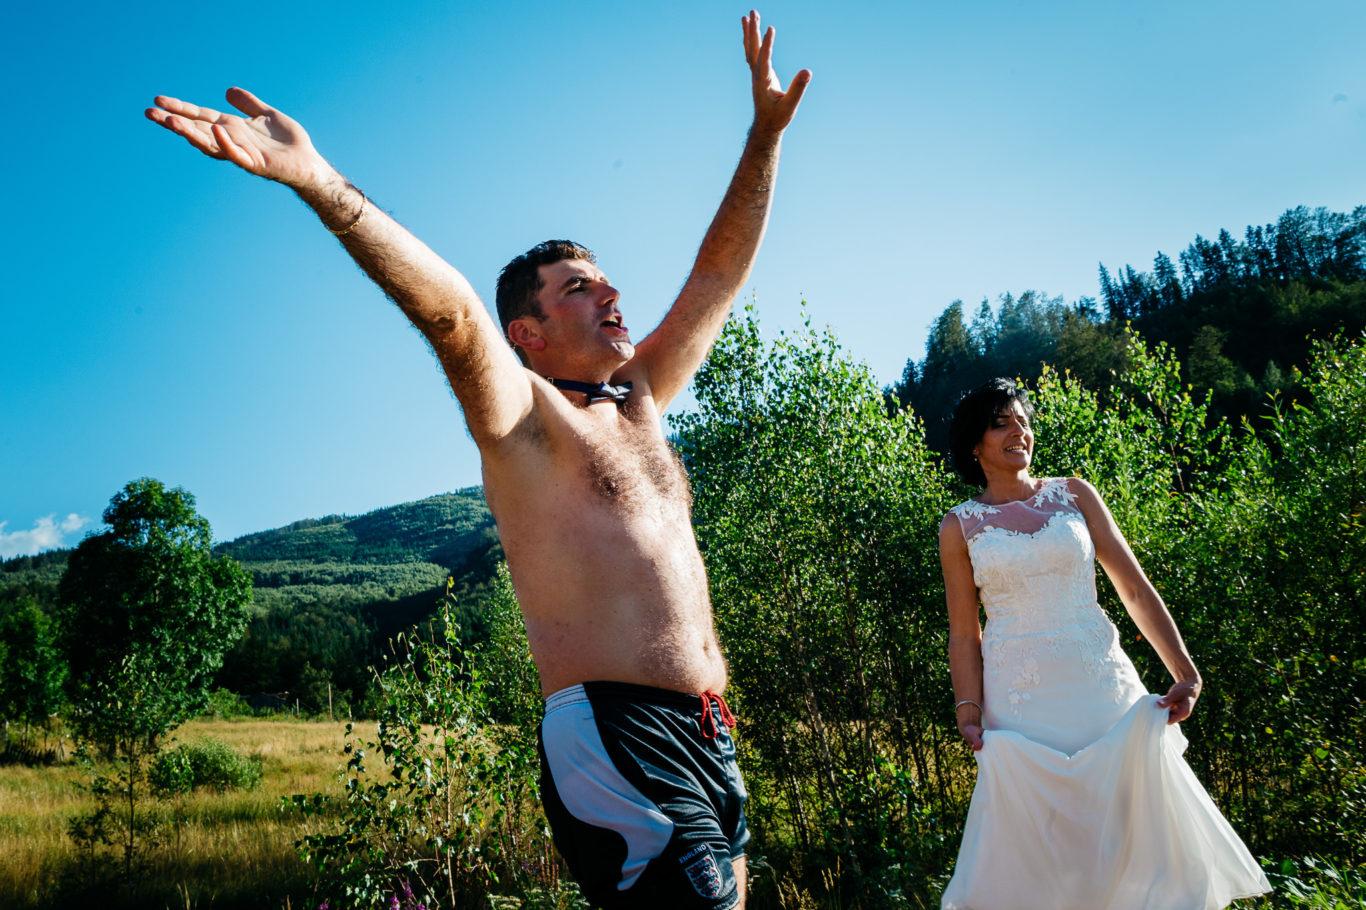 0391-fotografie-nunta-valea-de-pesti-vero-dani-fotograf-ciprian-dumitrescu-cd2_1205